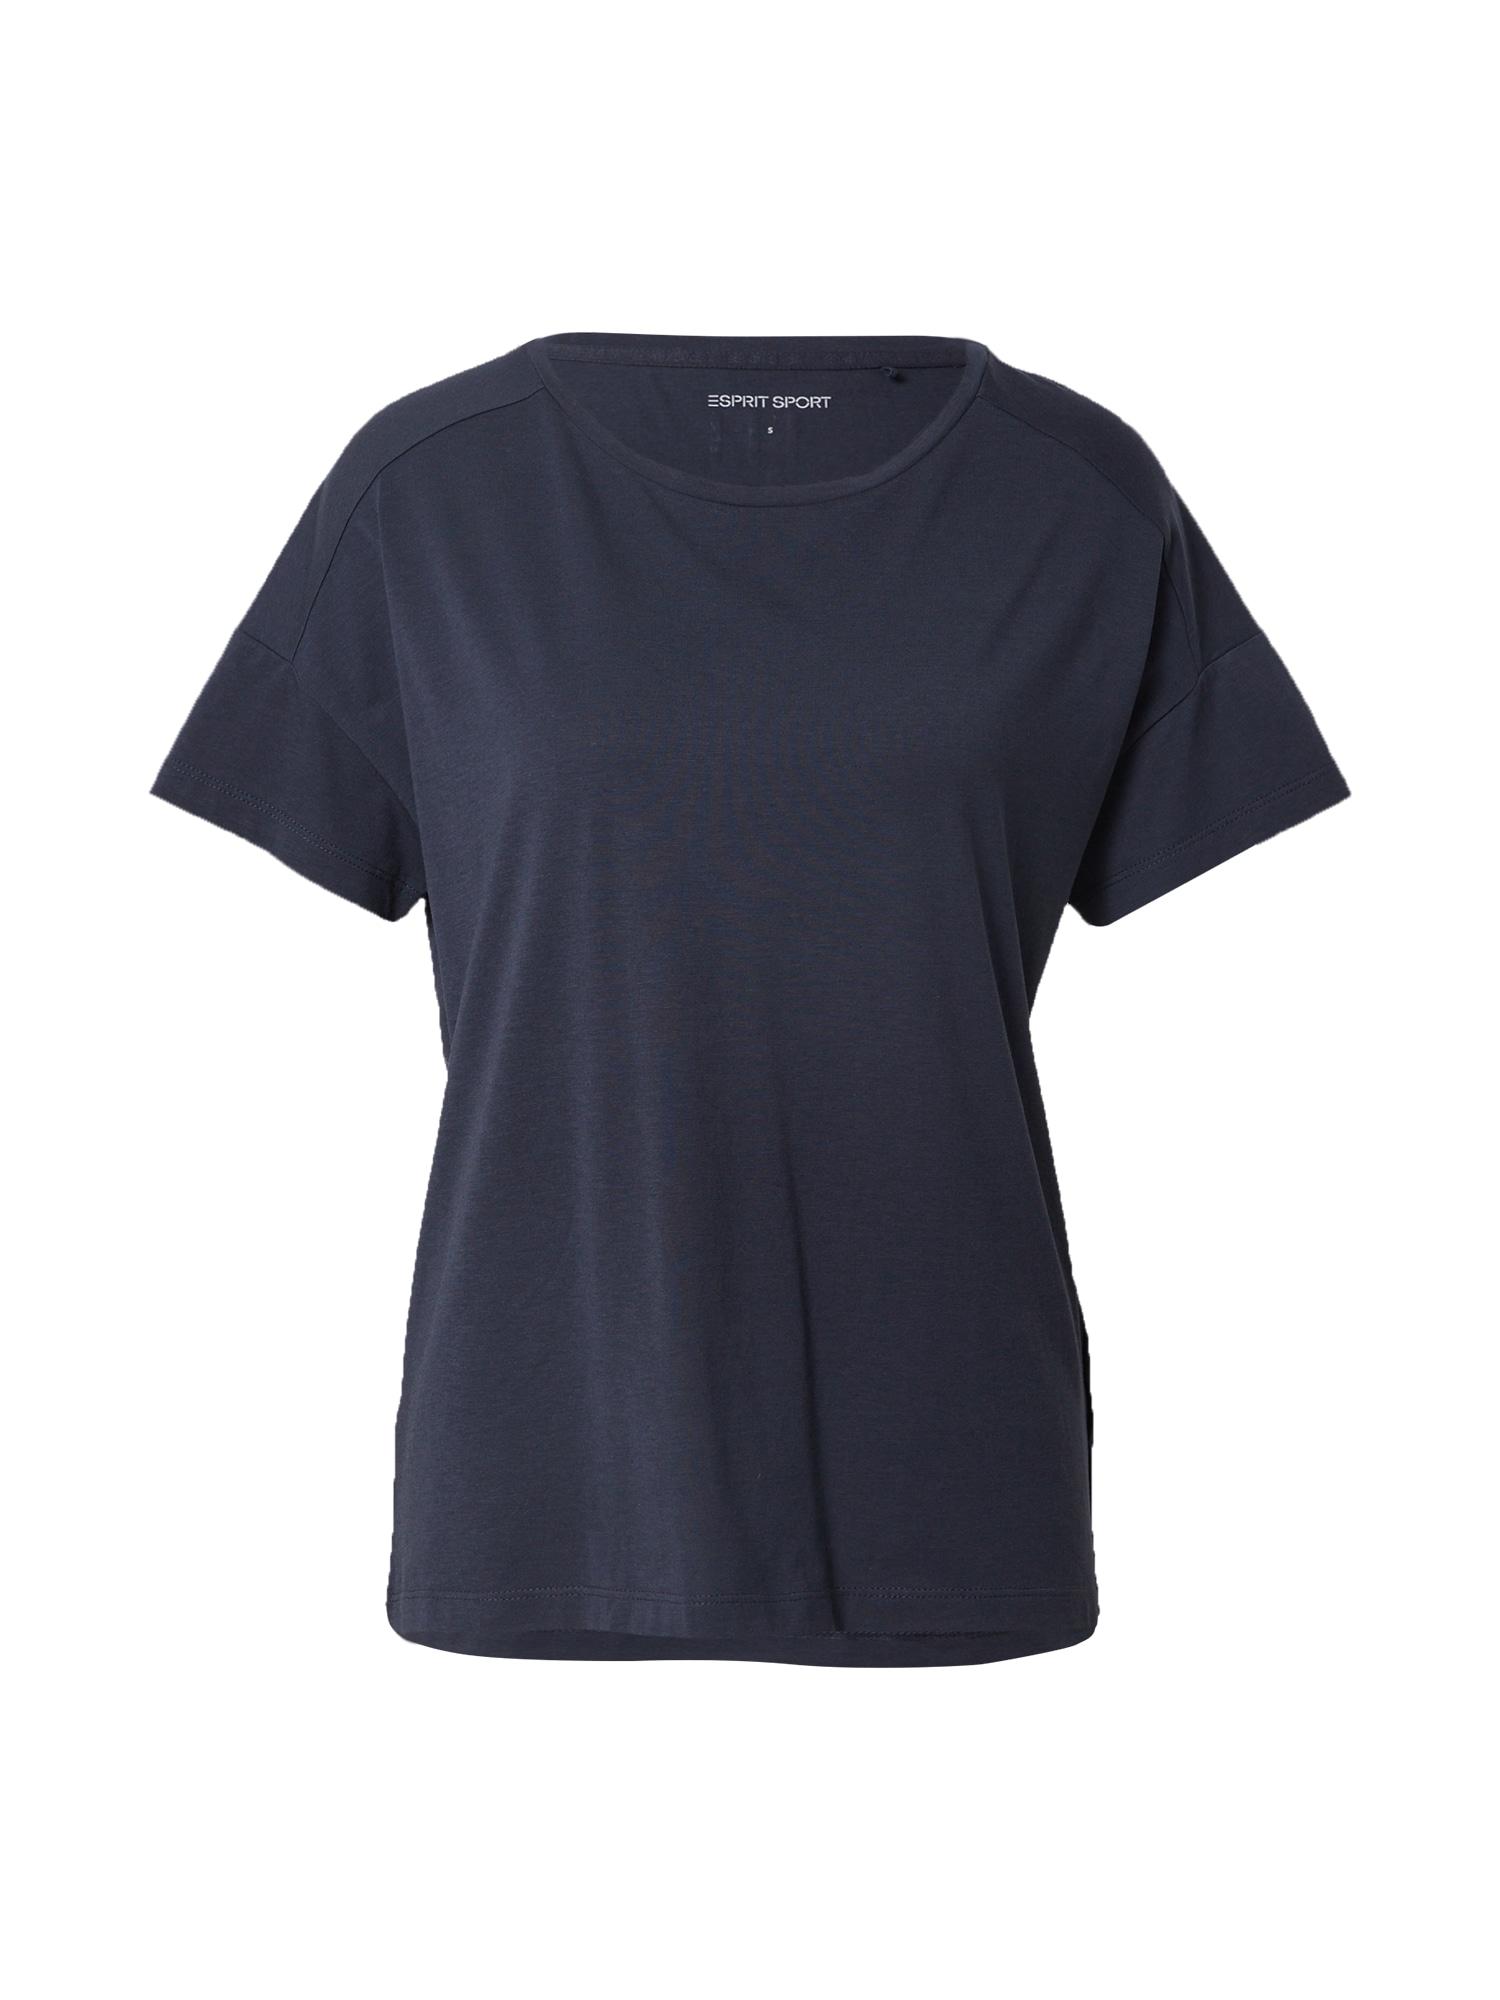 ESPRIT SPORT Sportiniai marškinėliai tamsiai mėlyna